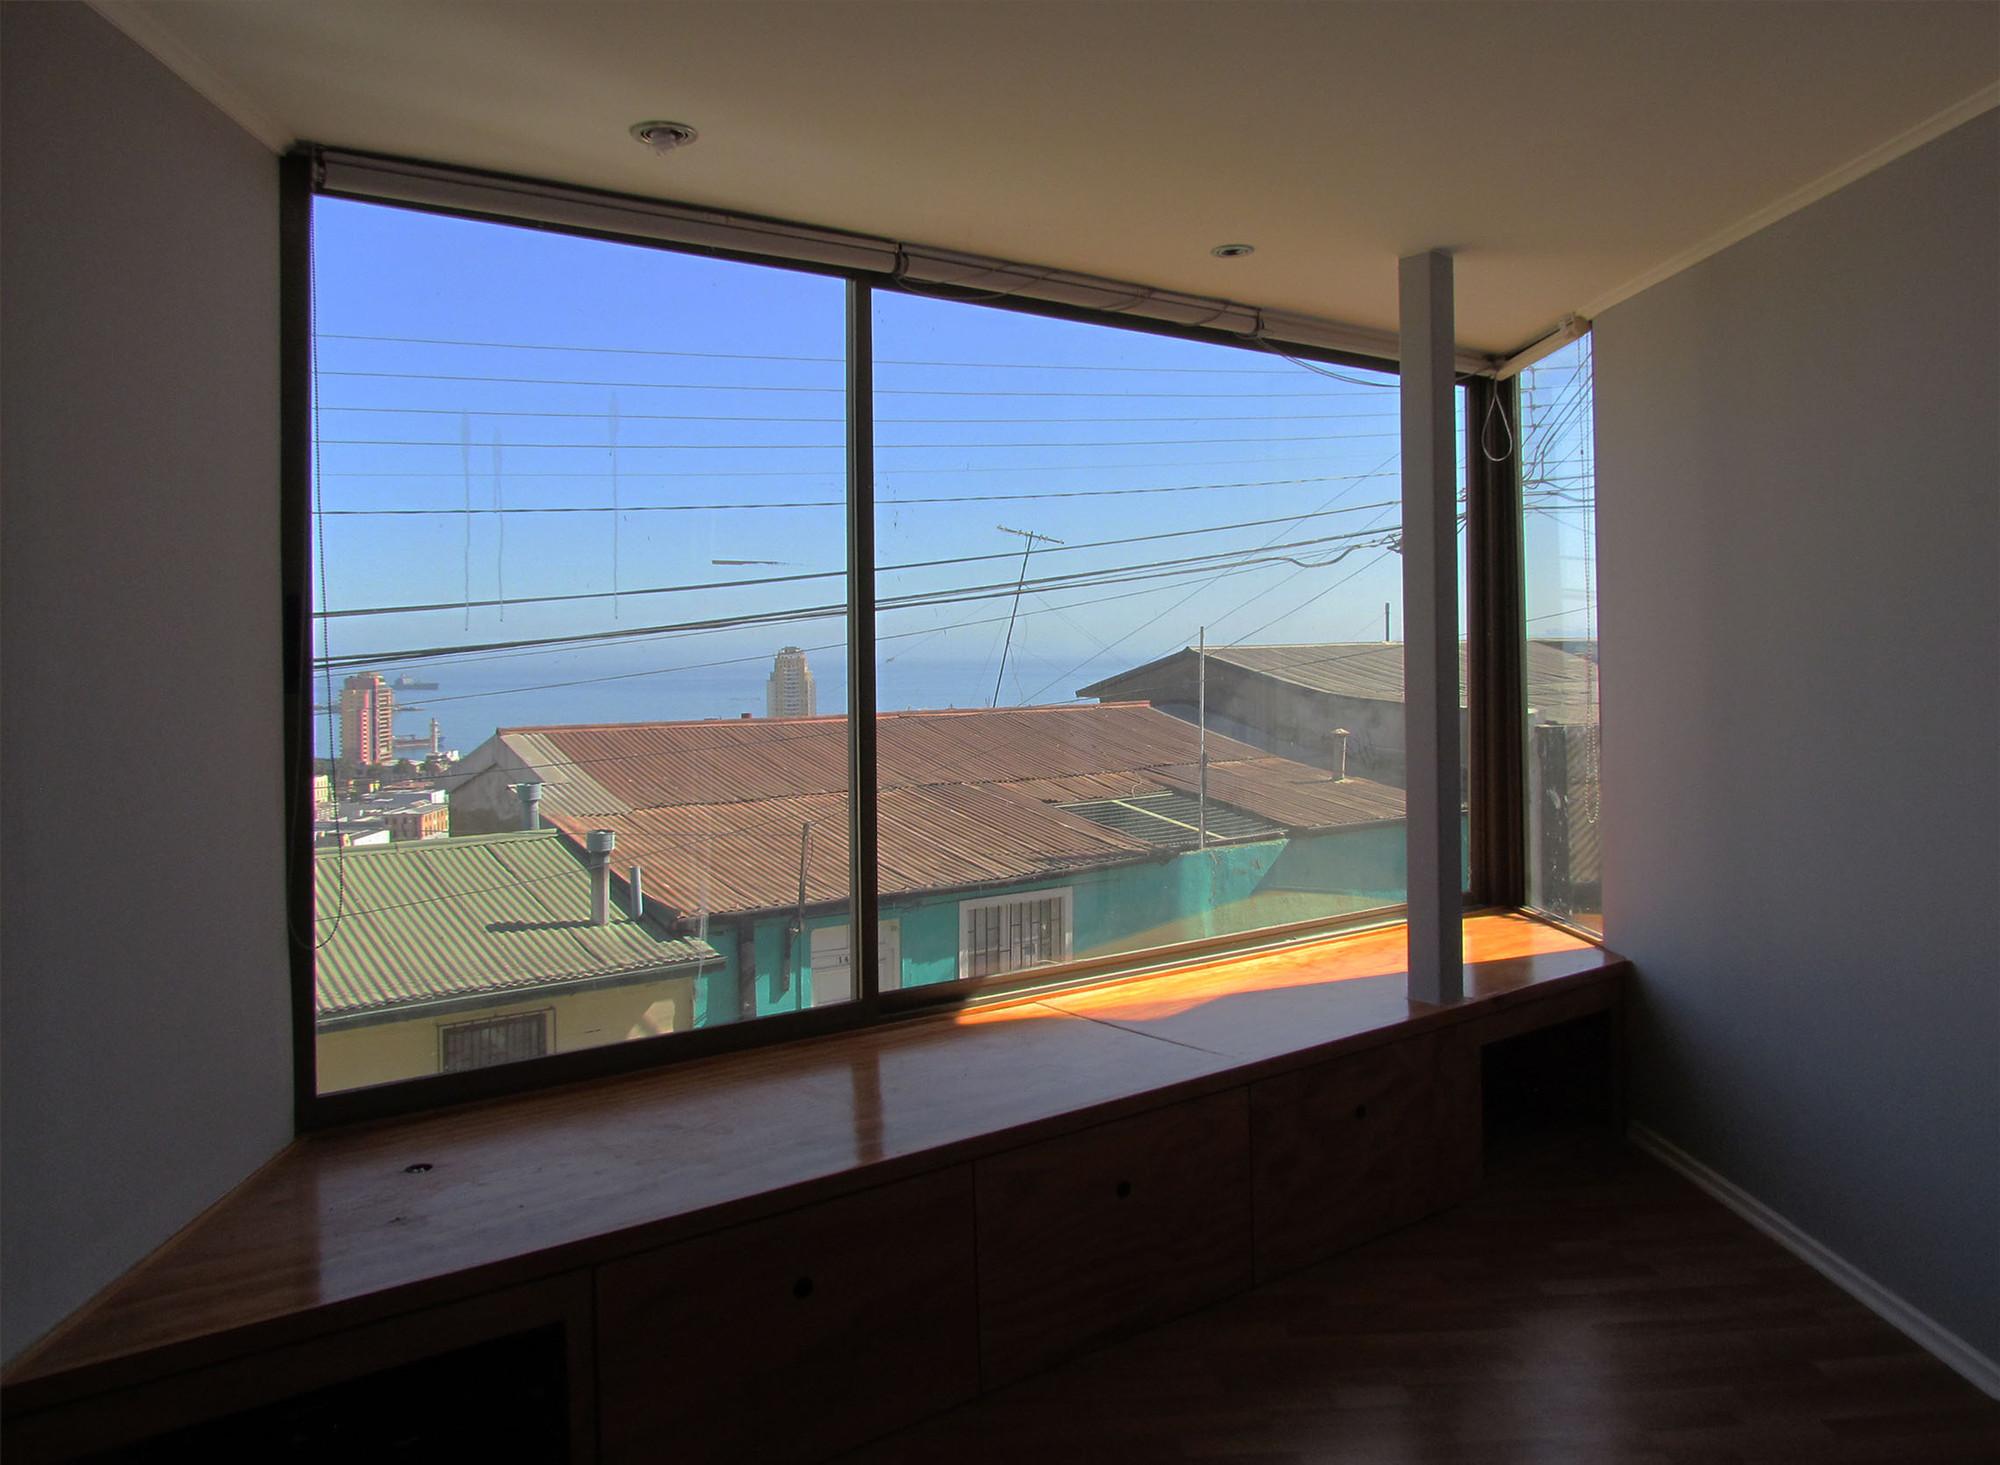 Galeria de casa monjas molo arquitectos 14 for Piani casa molo